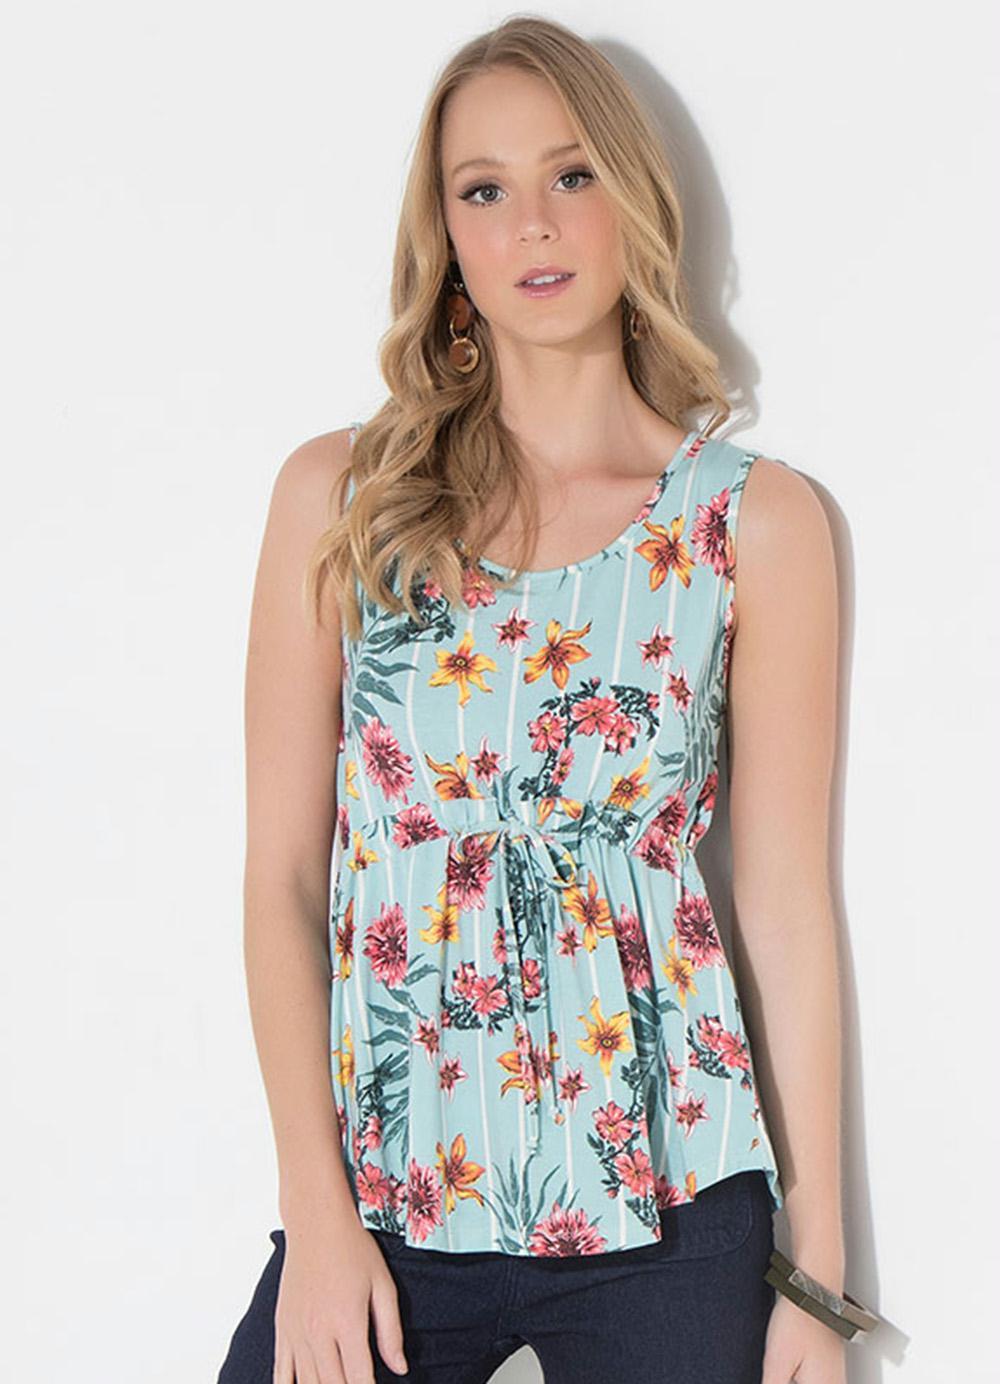 Blusa Quintess Listras Floral com Tunel e Cordel - Quintess c31ce11db20